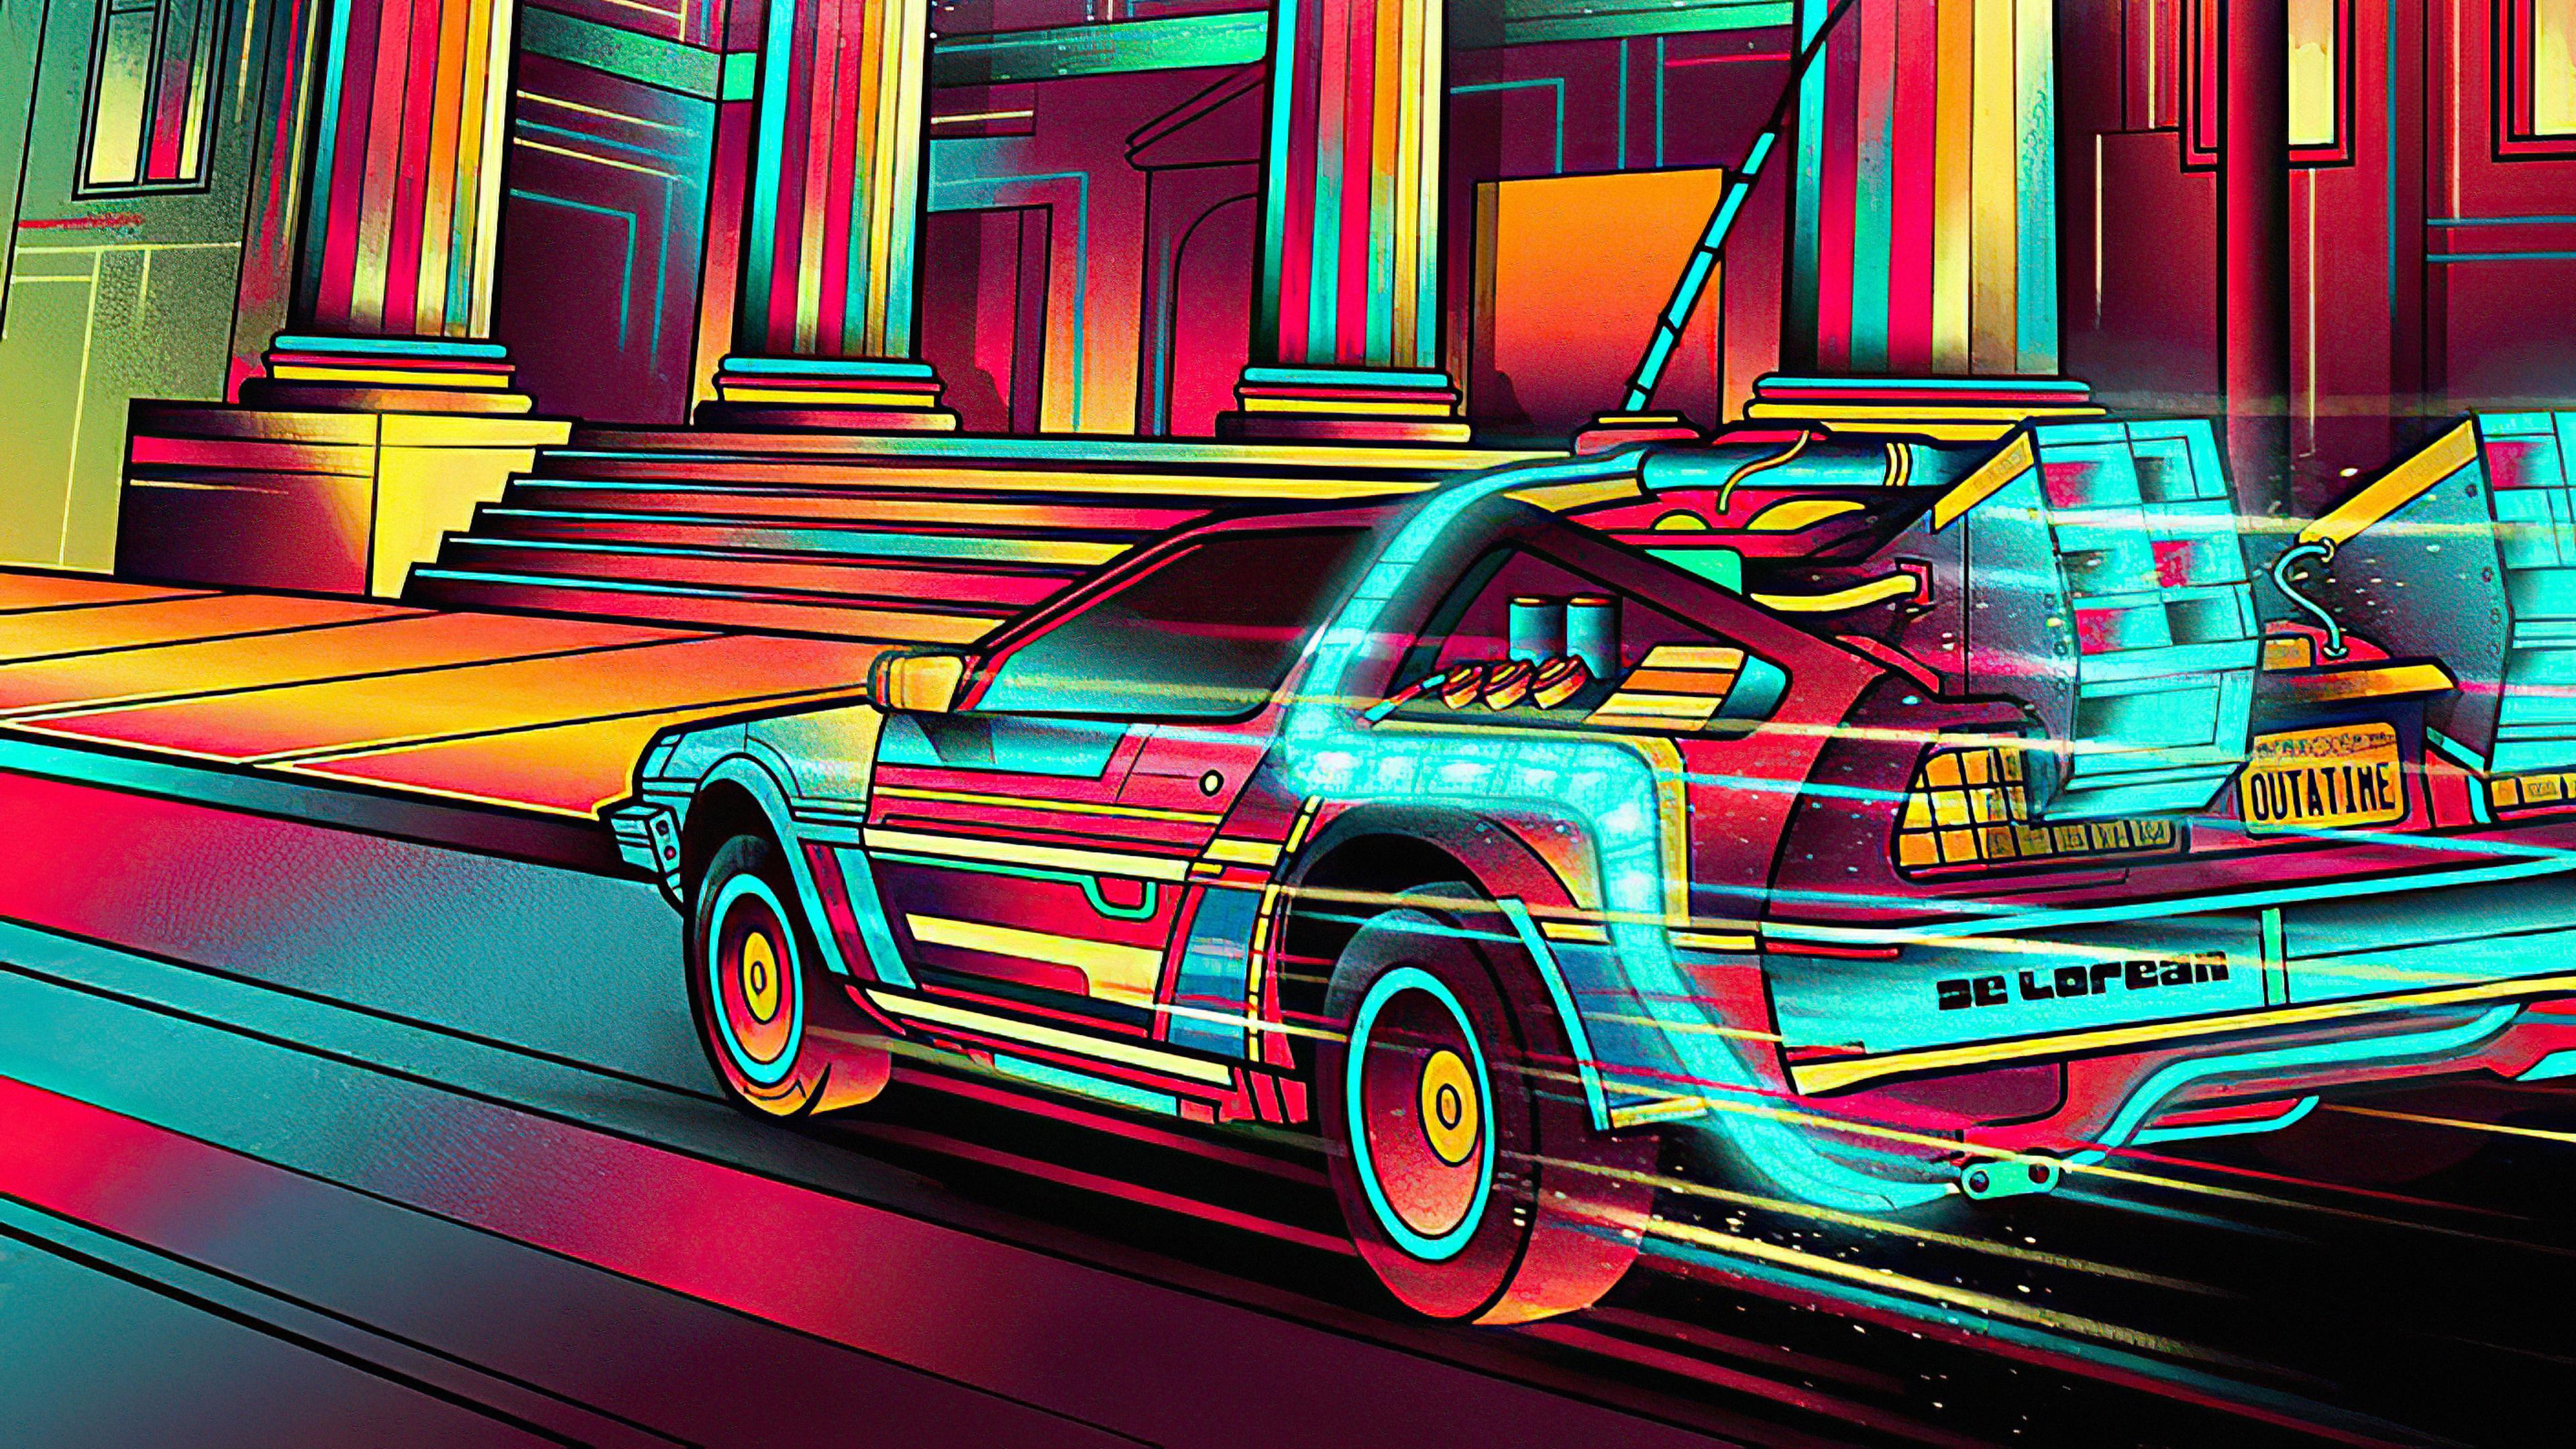 3840x2160 Back To The Future Colorful Delorean 4k HD 4k ...